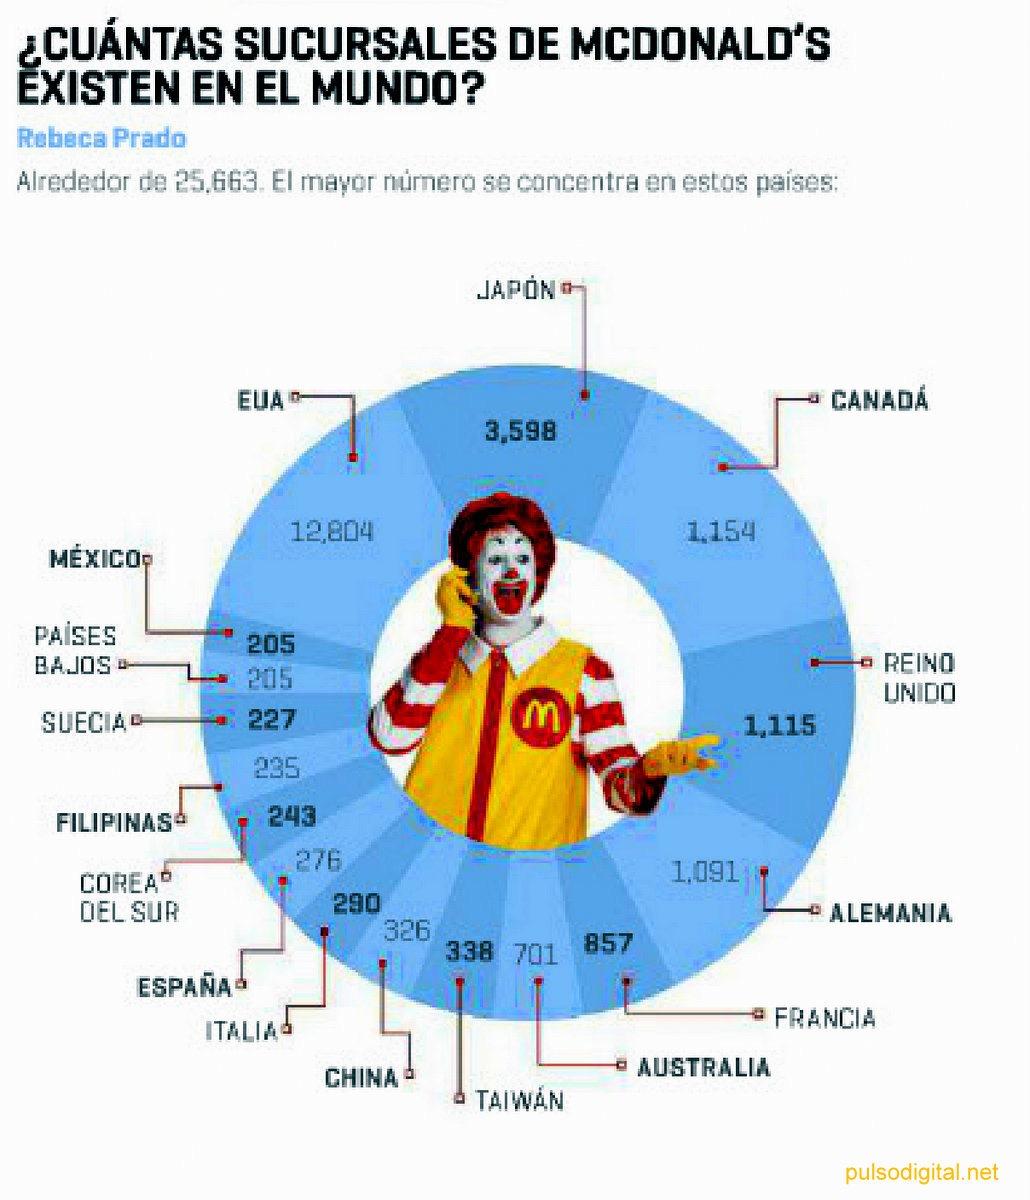 ¿Cuántas sucursales de McDonalds hay en el mundo?